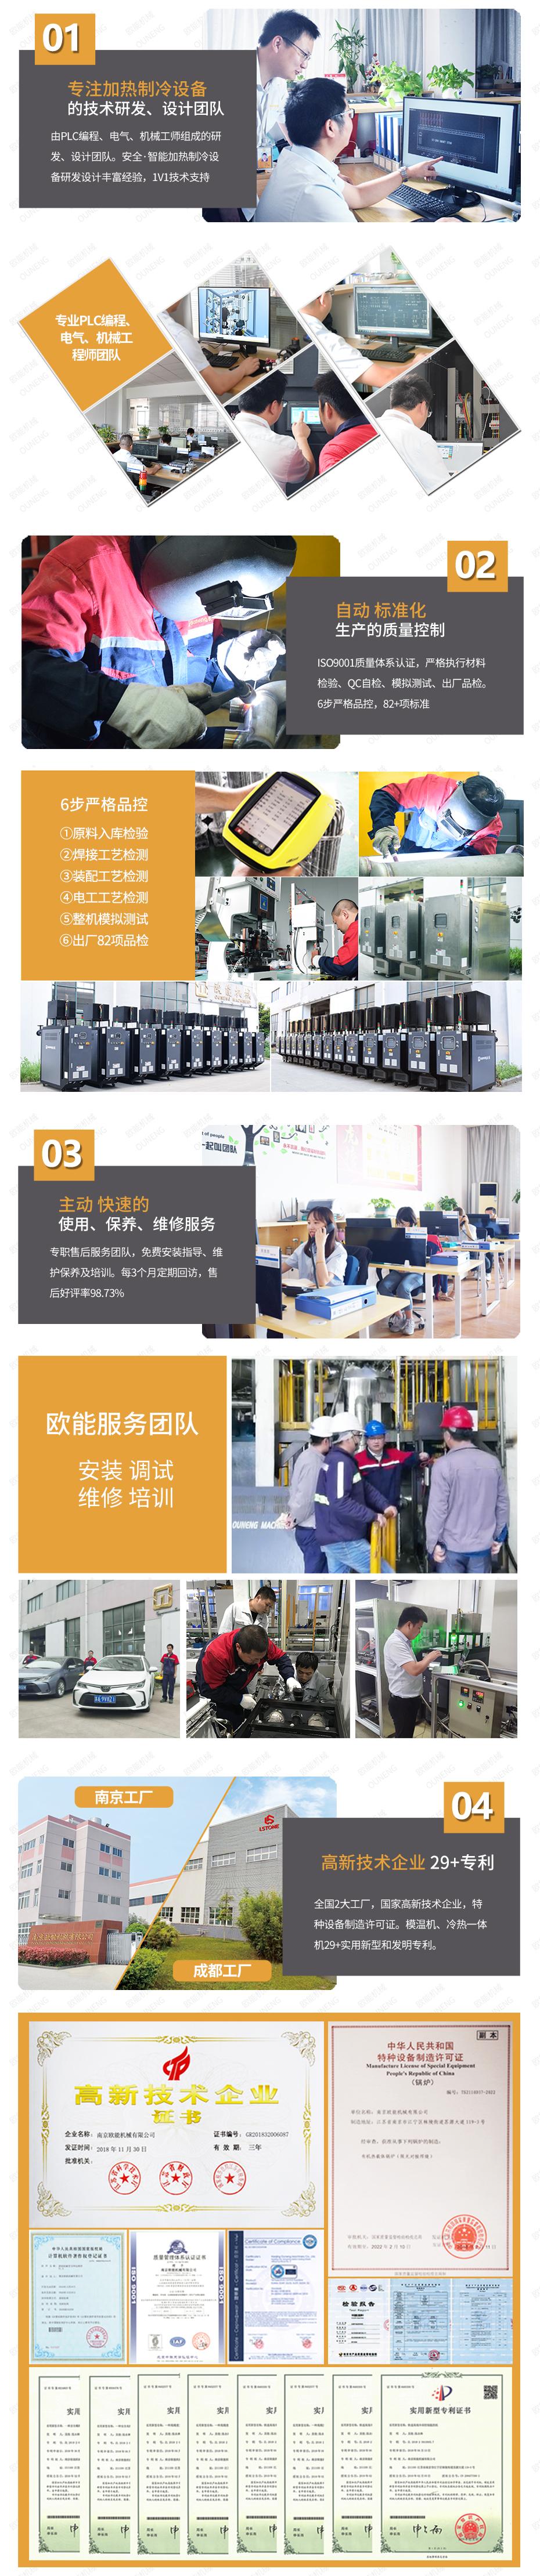 水式ysb88易胜博娱乐品牌优势